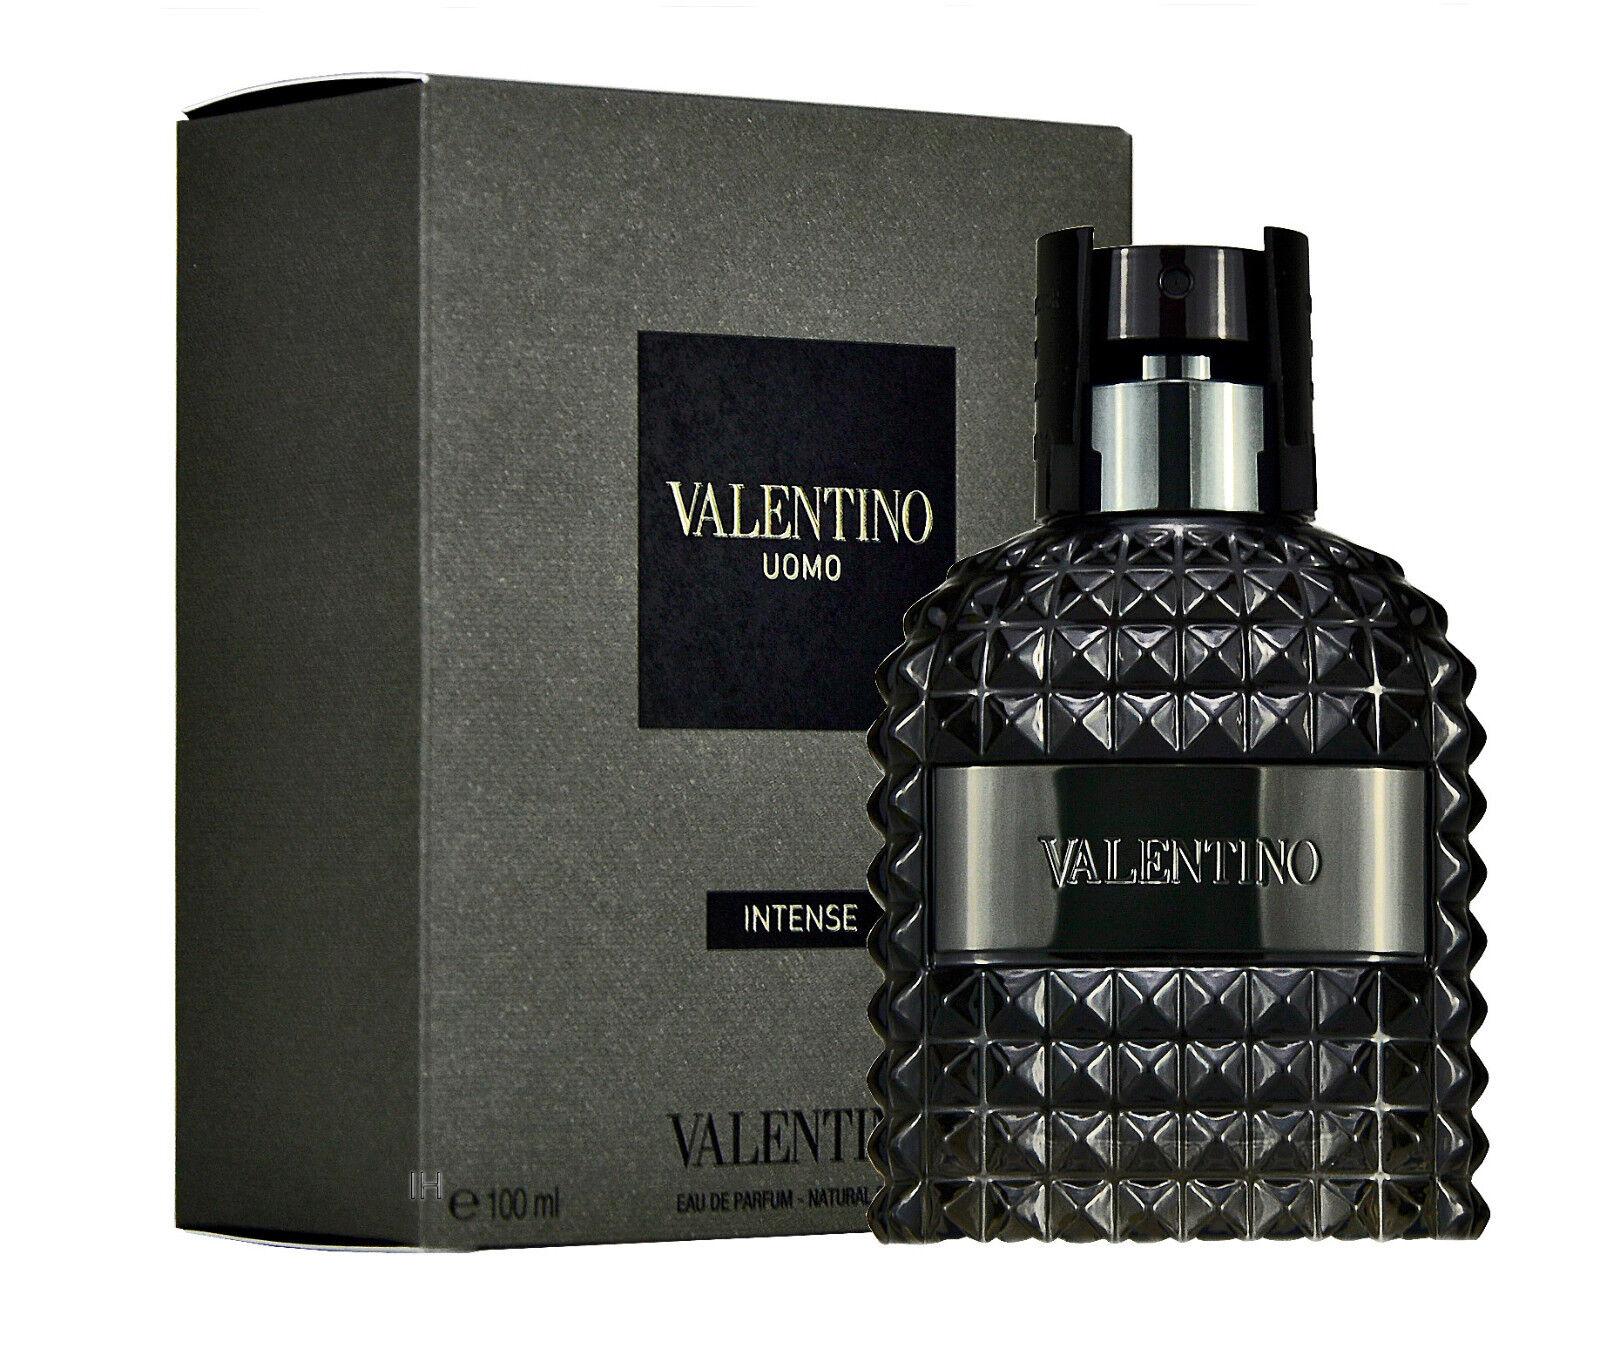 Valentino Uomo Intense 100ml Eau de Parfum Spray Neu & Originalverpackt